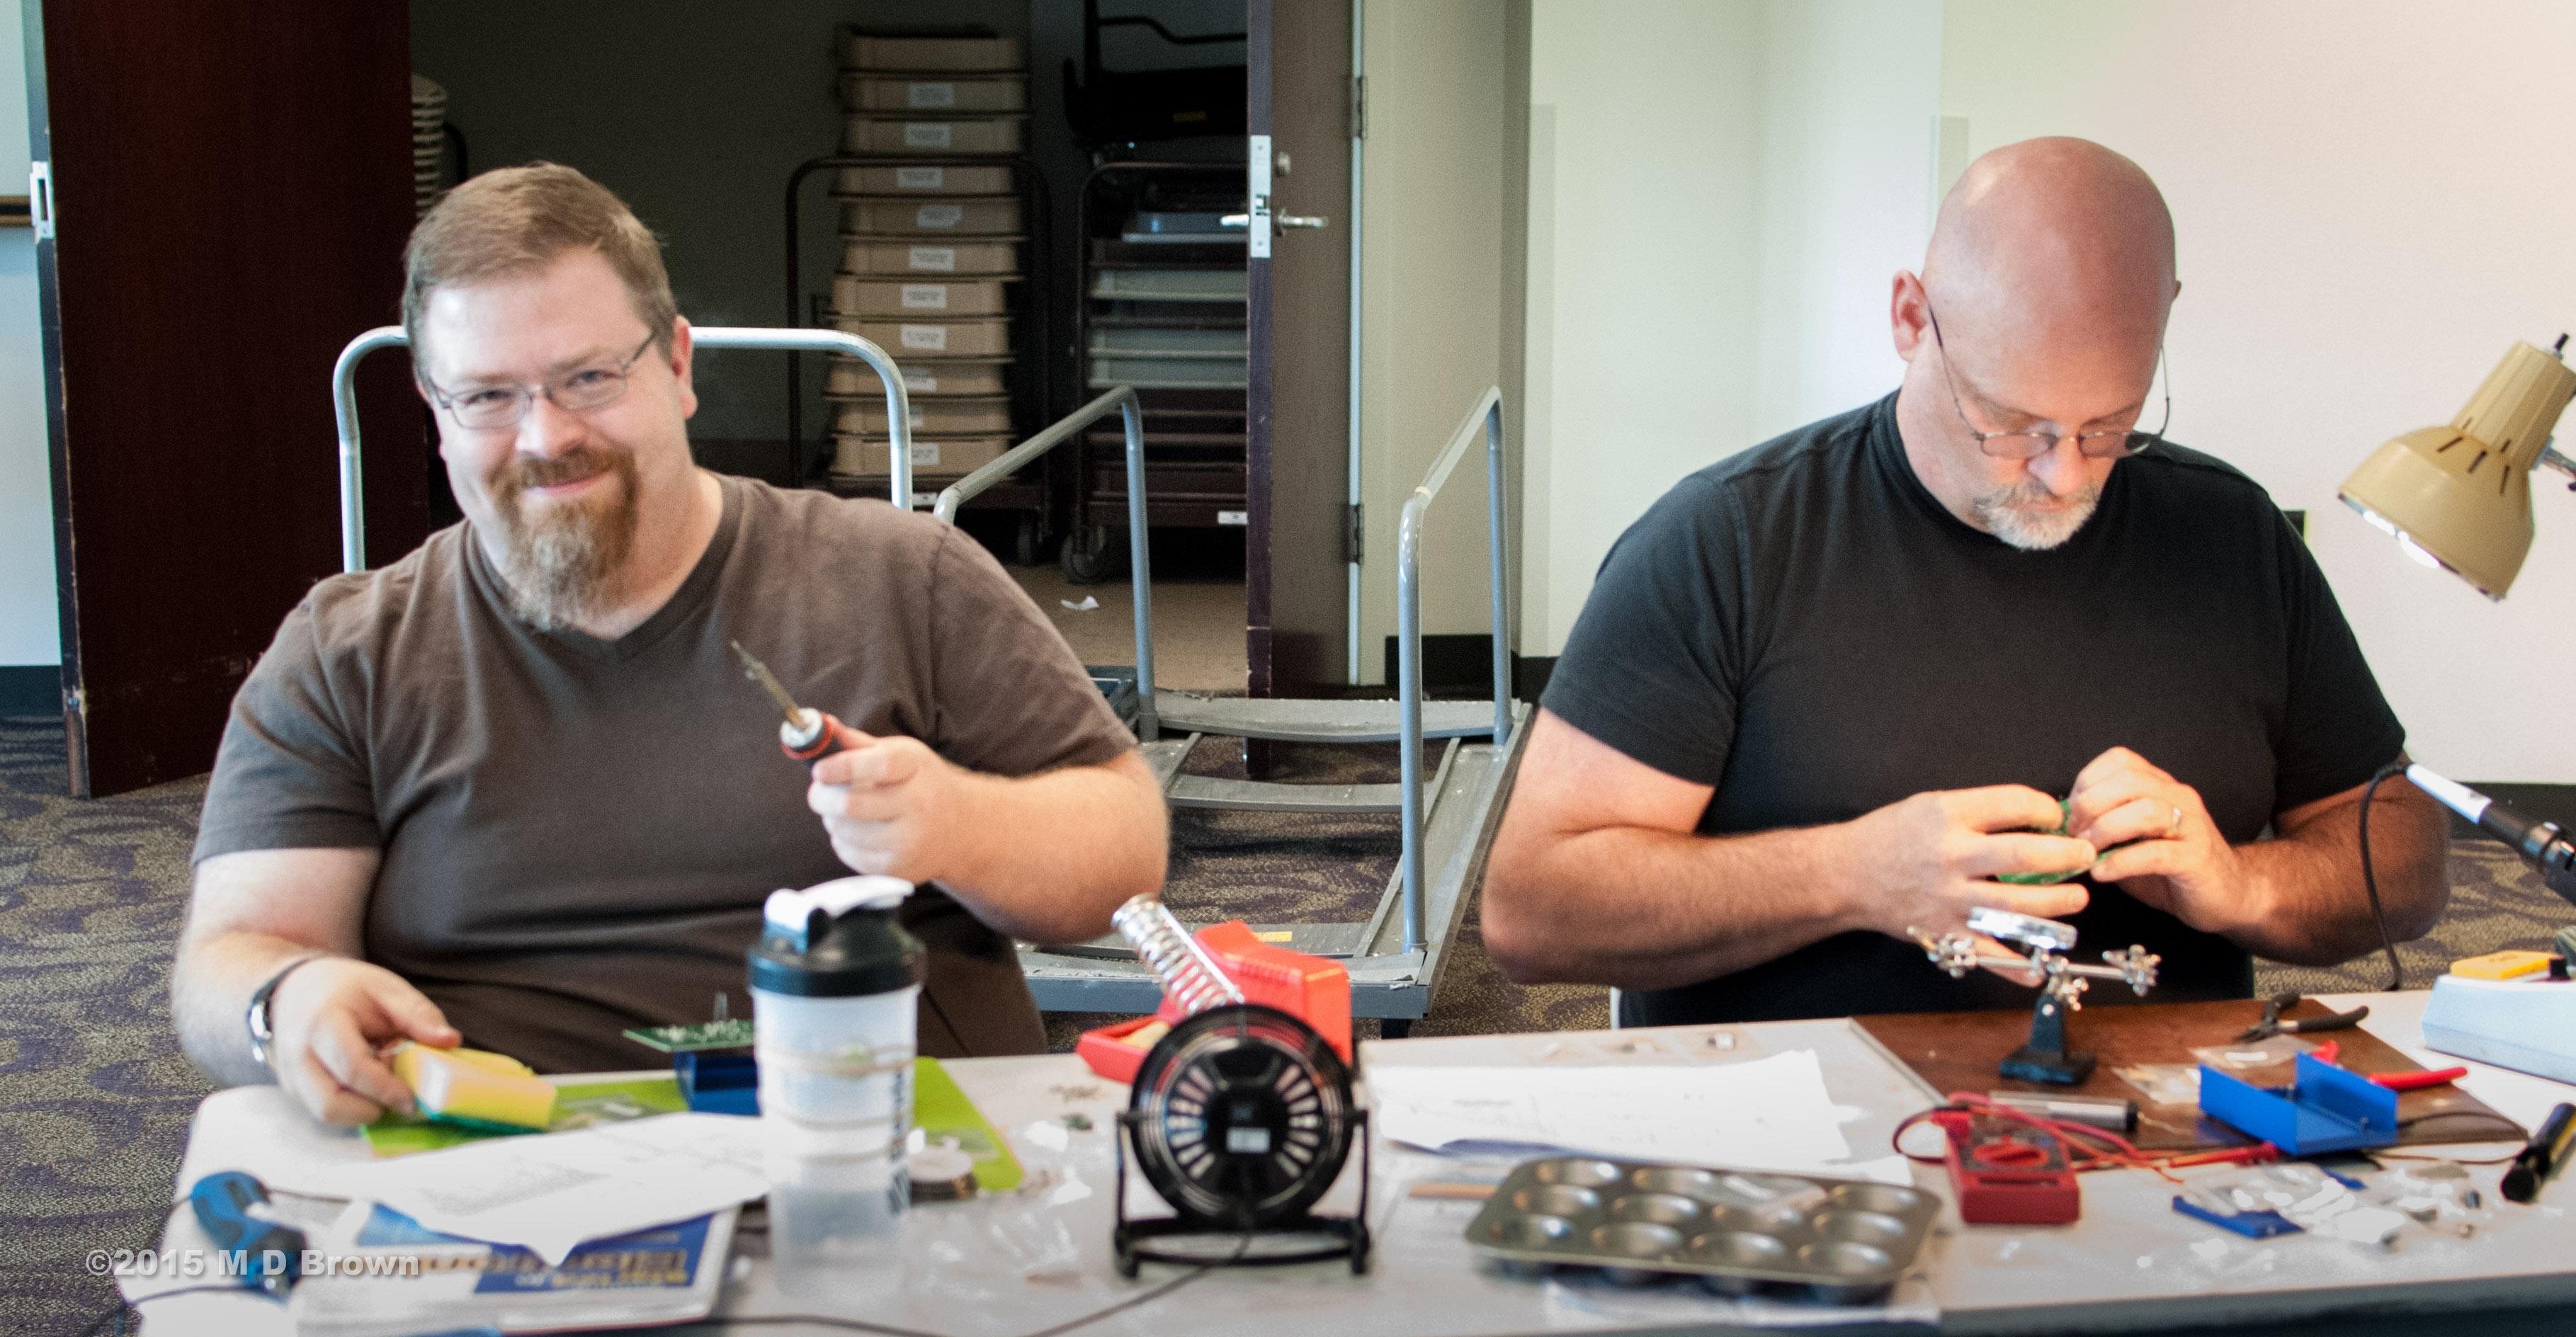 Seth AF5YN & Jim KG5GIF